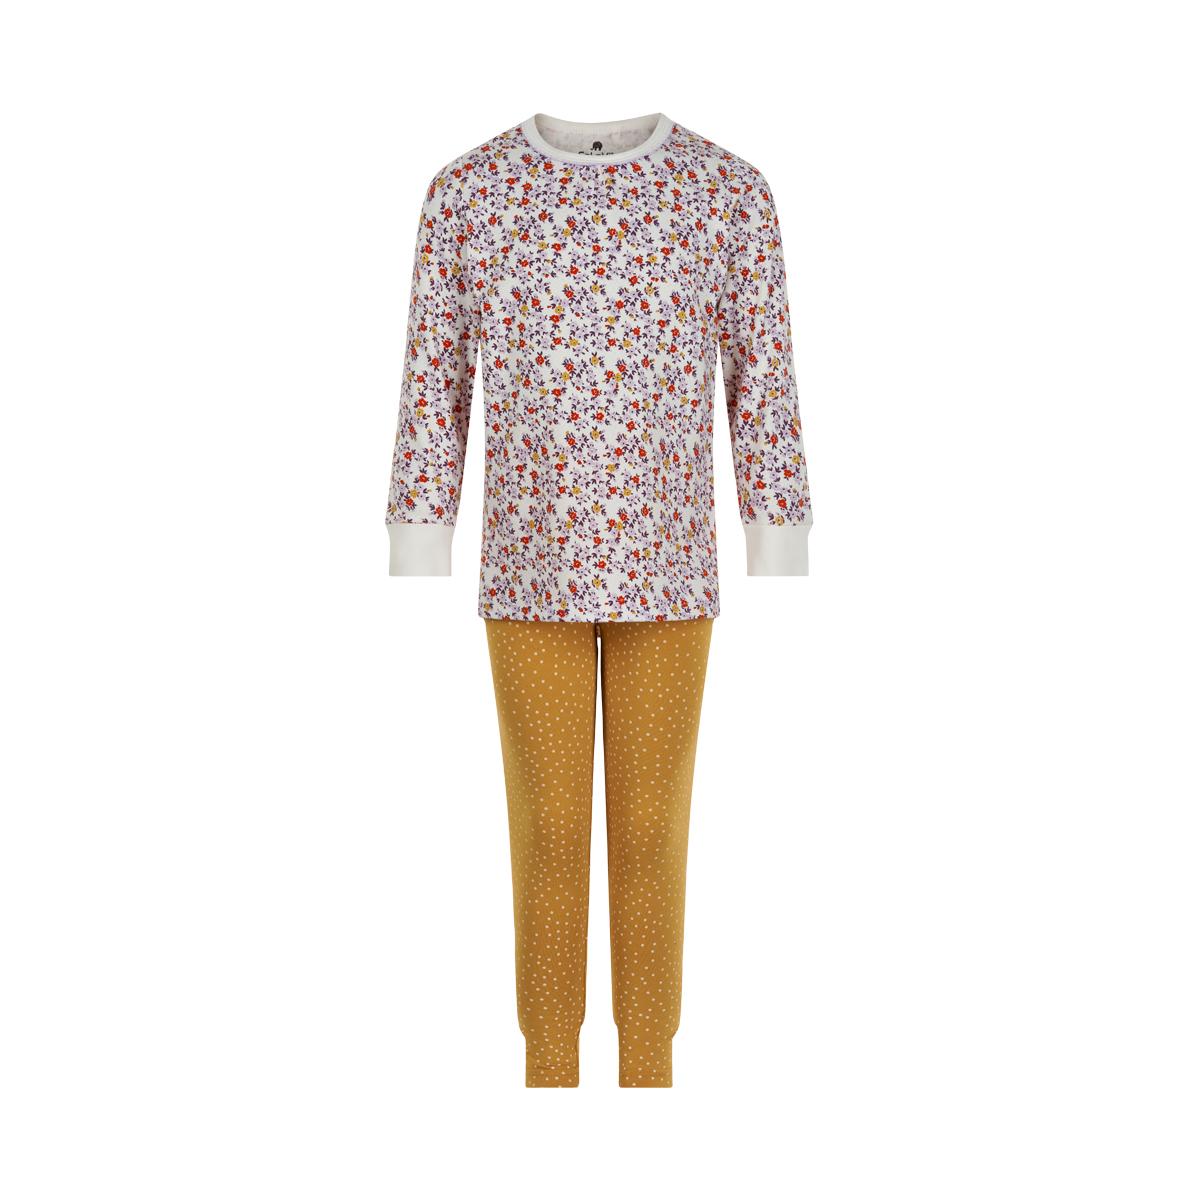 CeLaVi dívčí pyžamo 5673 - 385